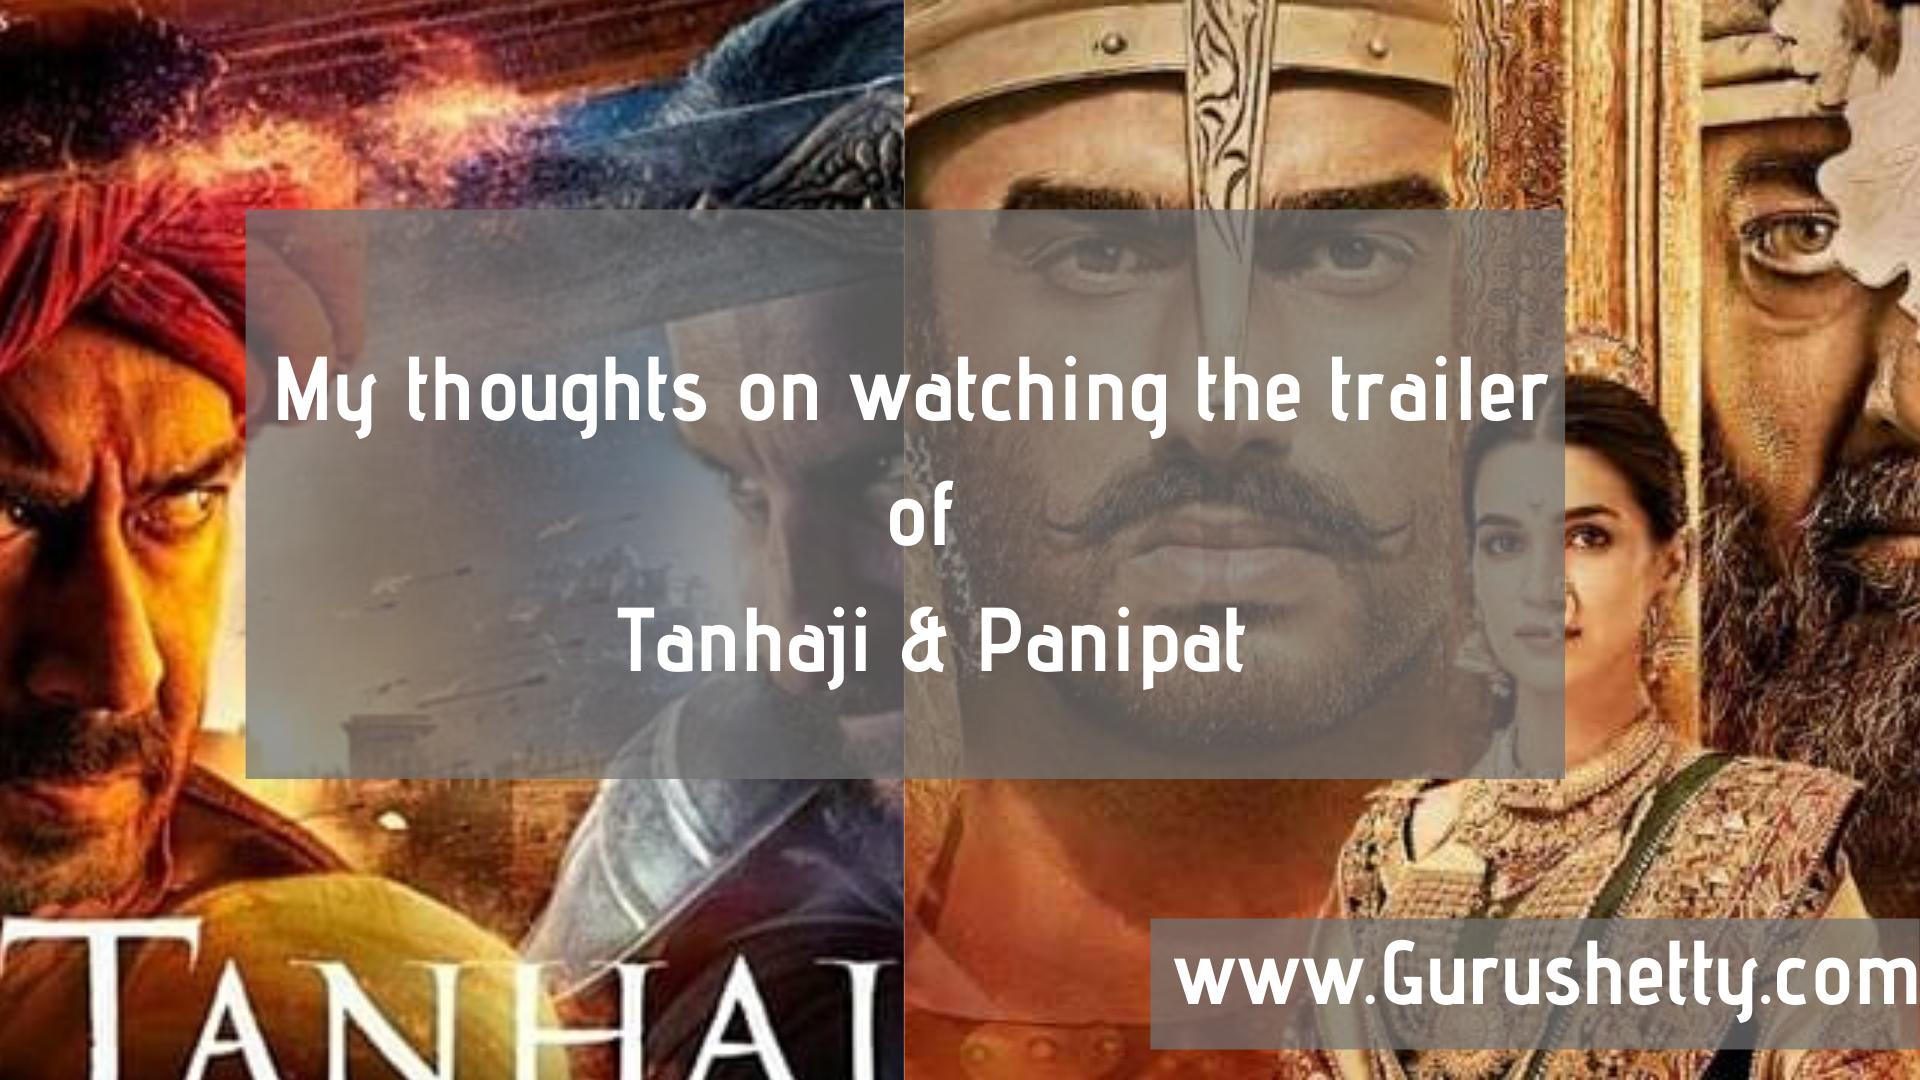 Lokmanyaekyugpurushmoviedownloadlink !FREE! My-Thoughts-on-watching-the-trailer-of-Tanhaji-Panipat